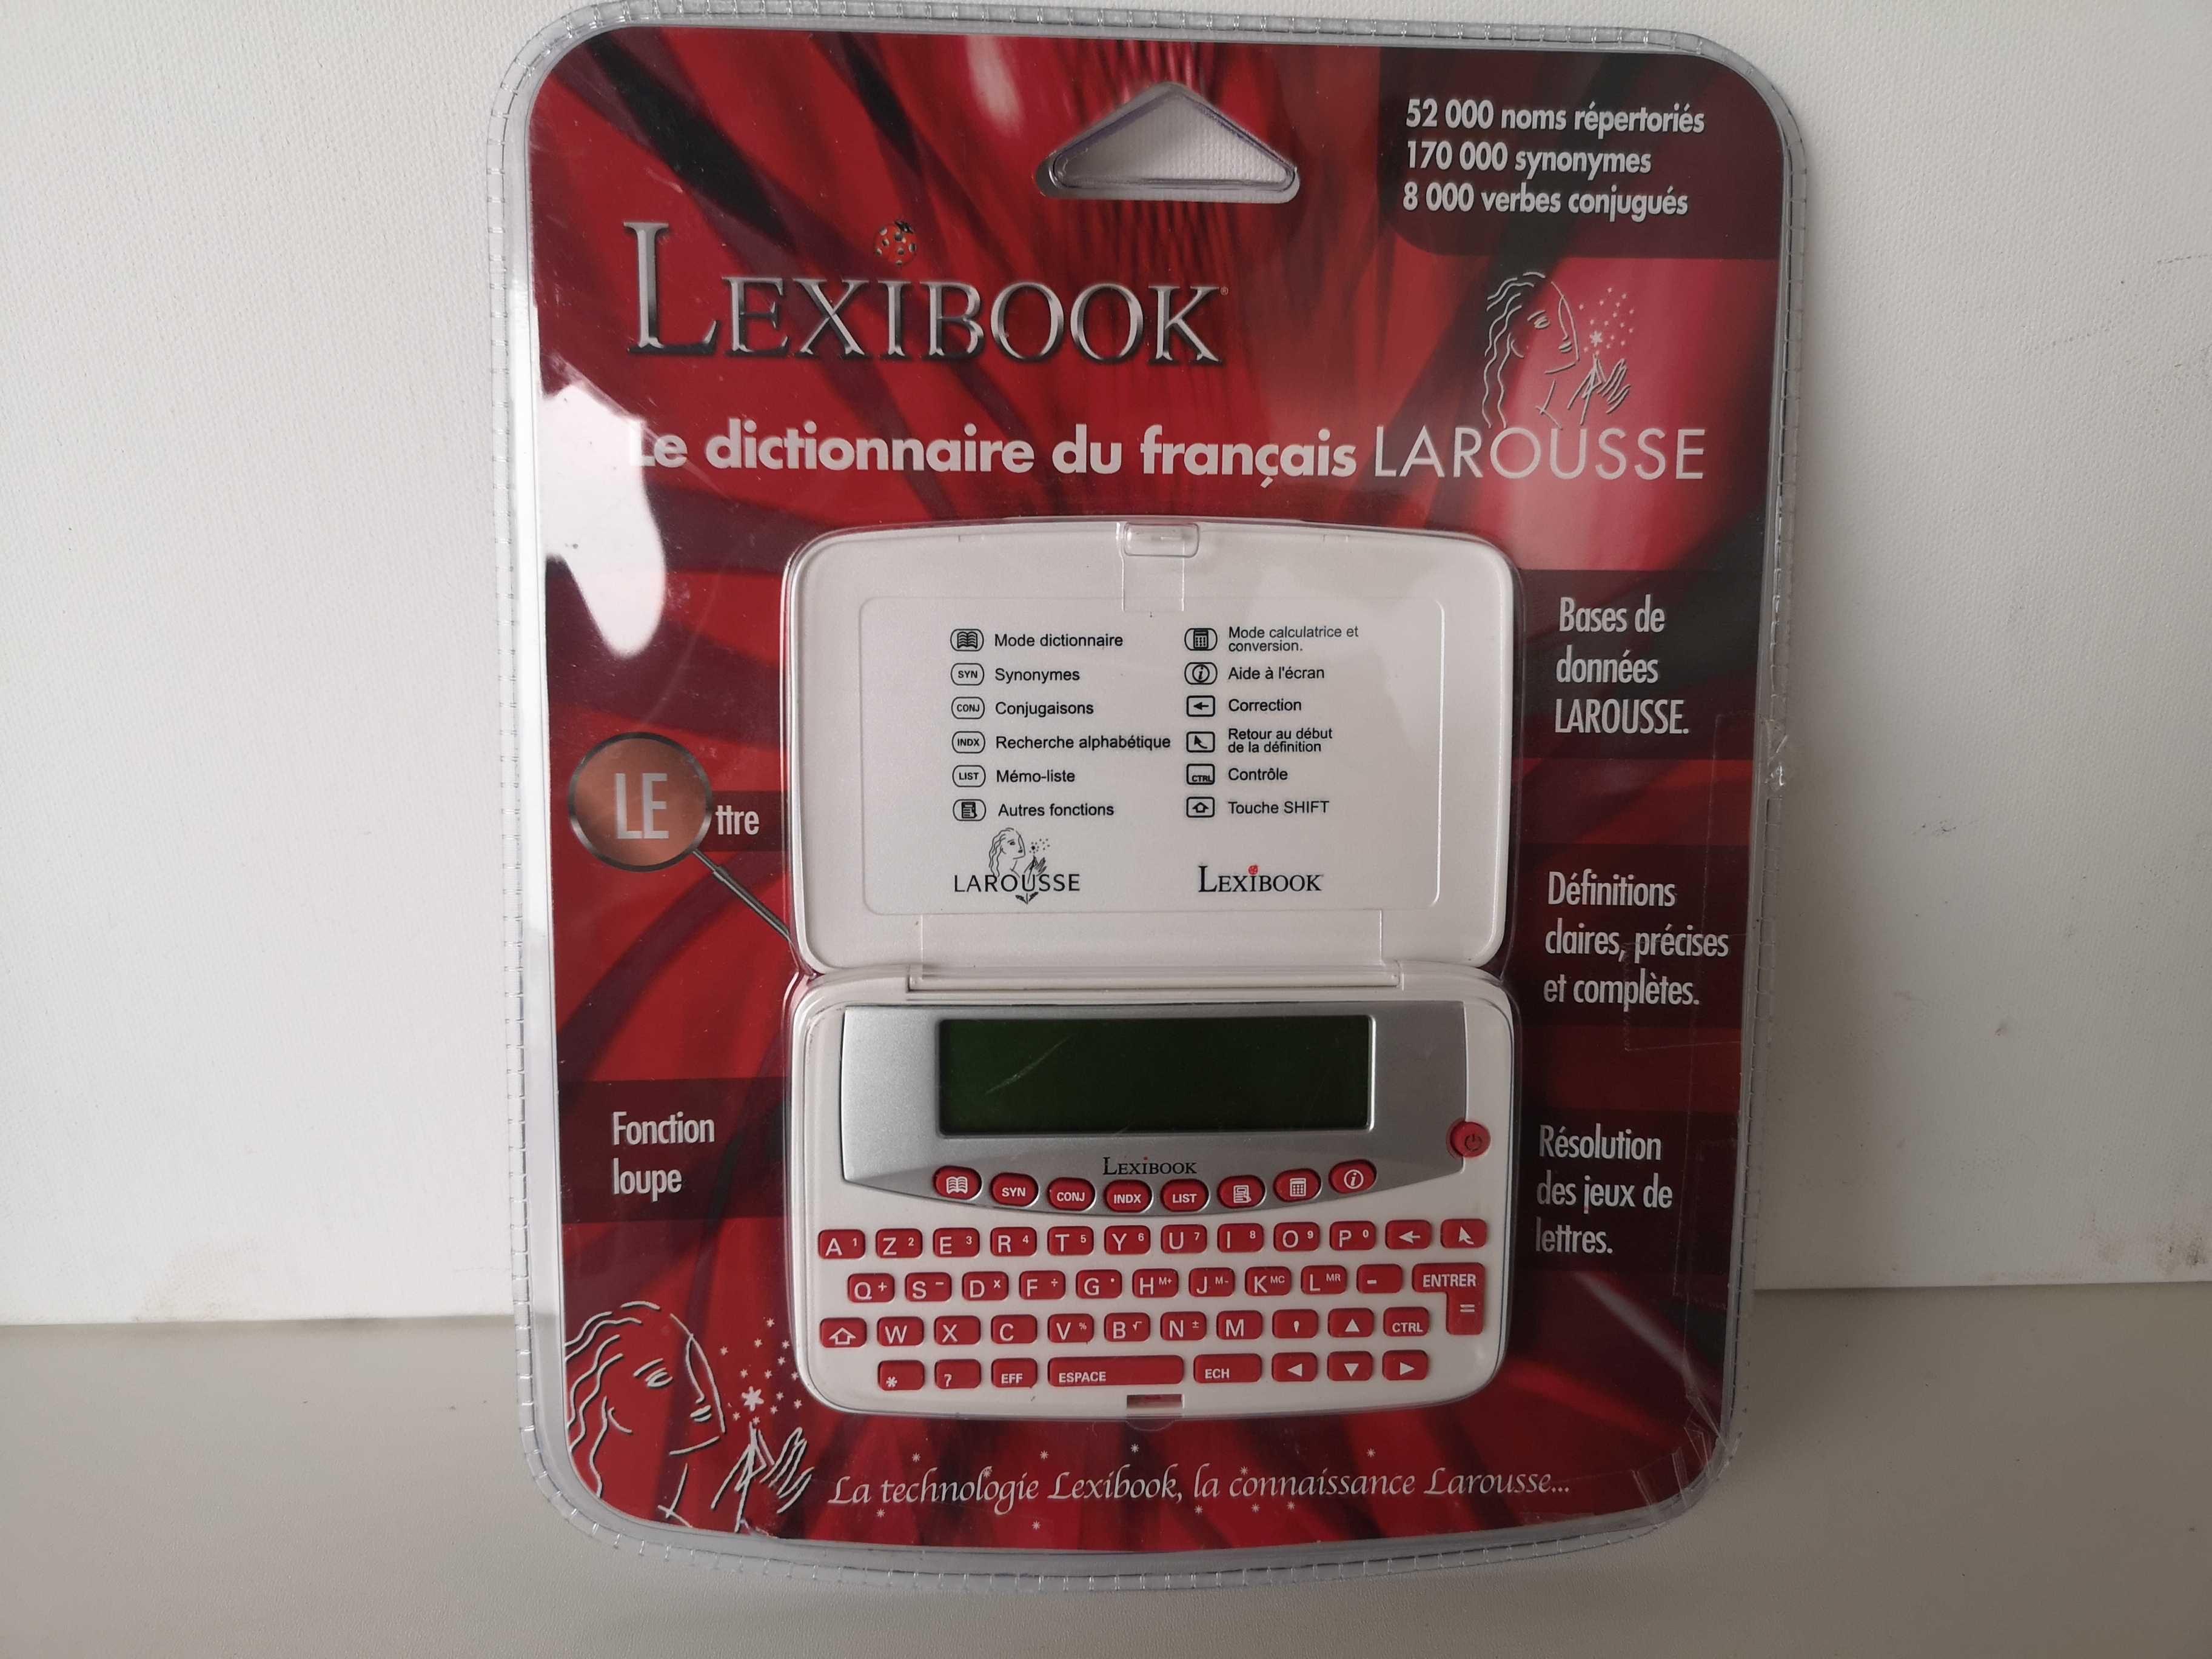 Lexibook Słownik elektroniczny Larousse